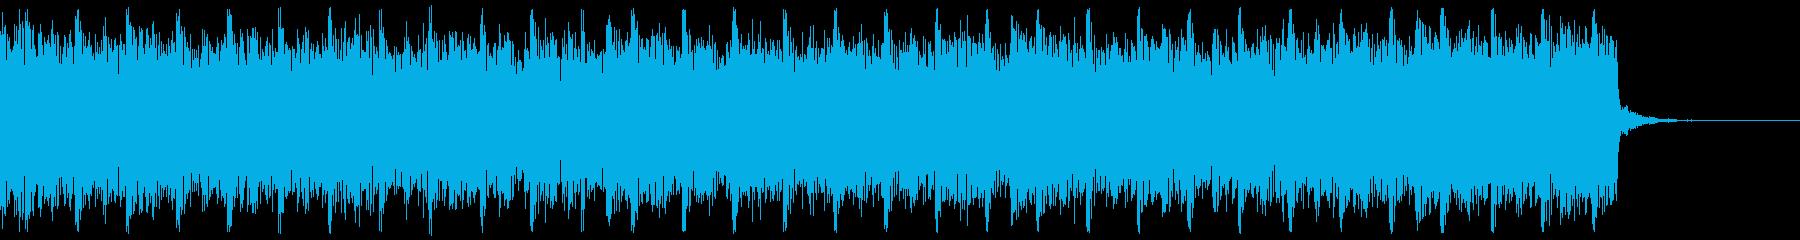 デジタル、CG、SFX等の映像ショート③の再生済みの波形